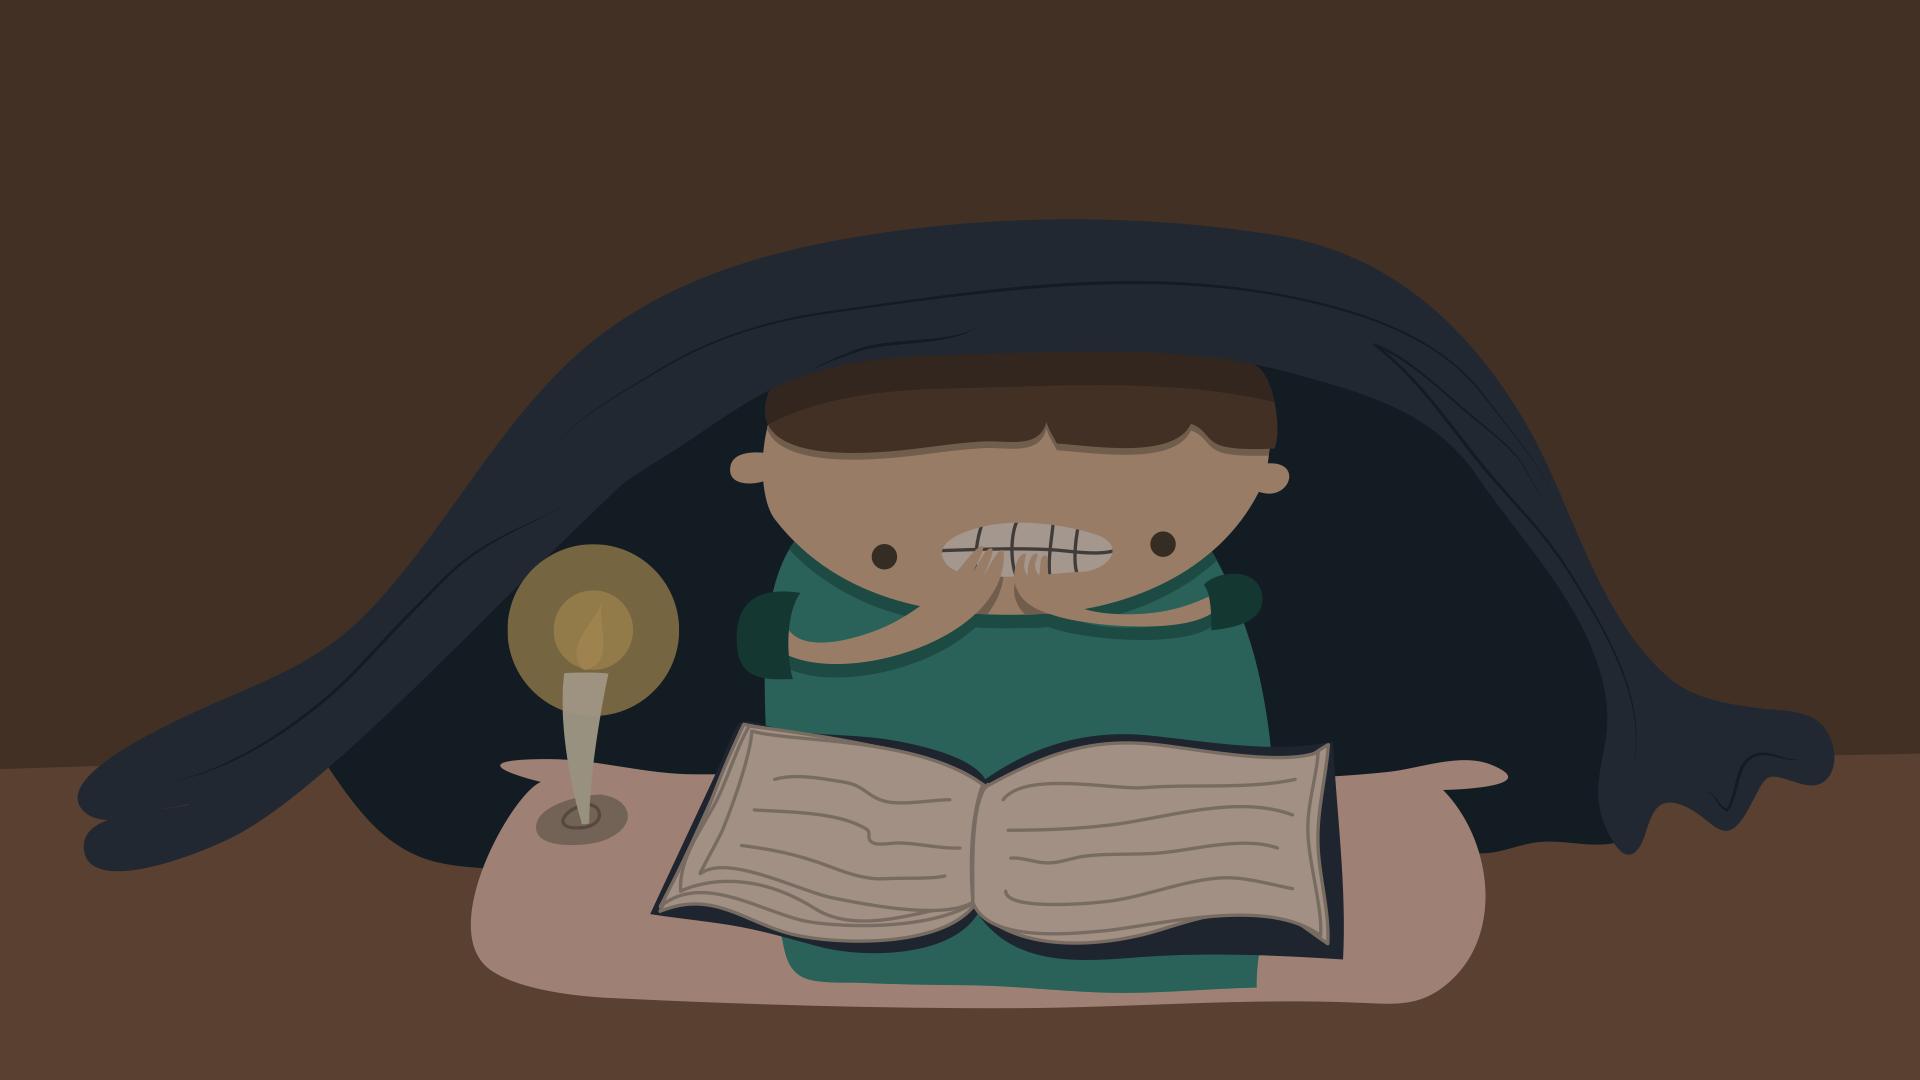 Livros que fazem as crianças crescerem #48: sobre migrantes